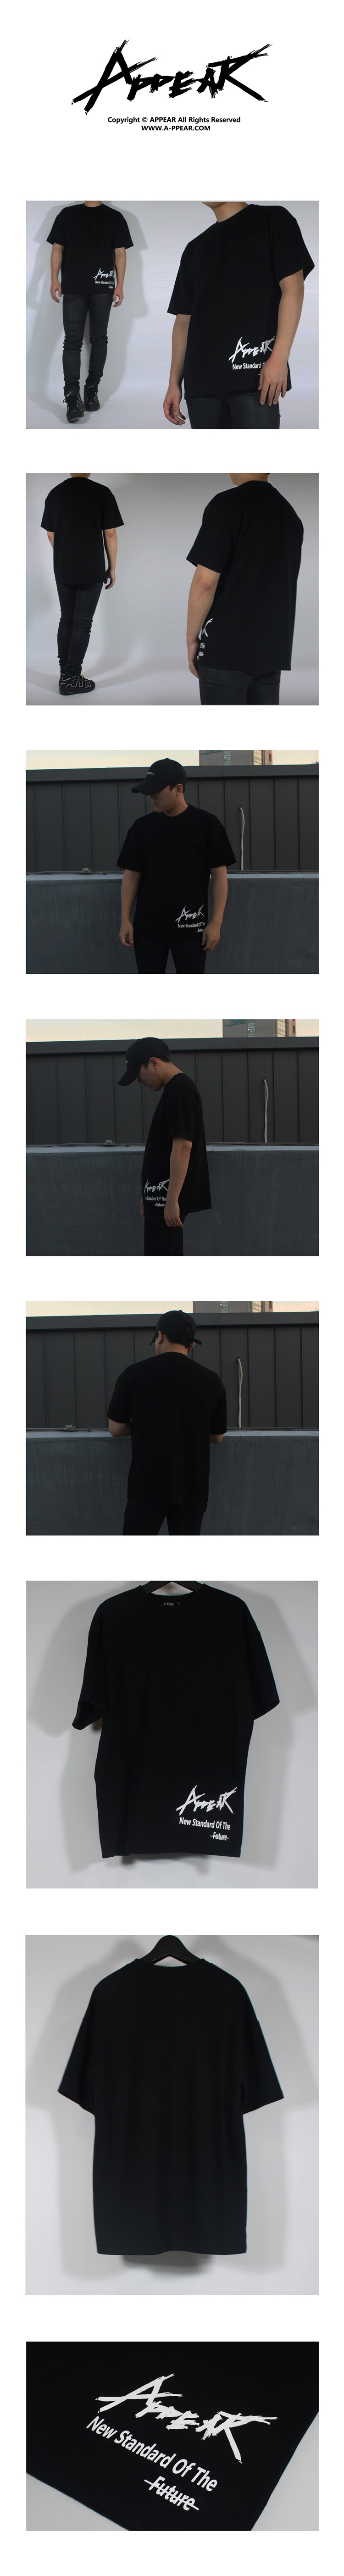 Pelvis Lettering - Black.jpg